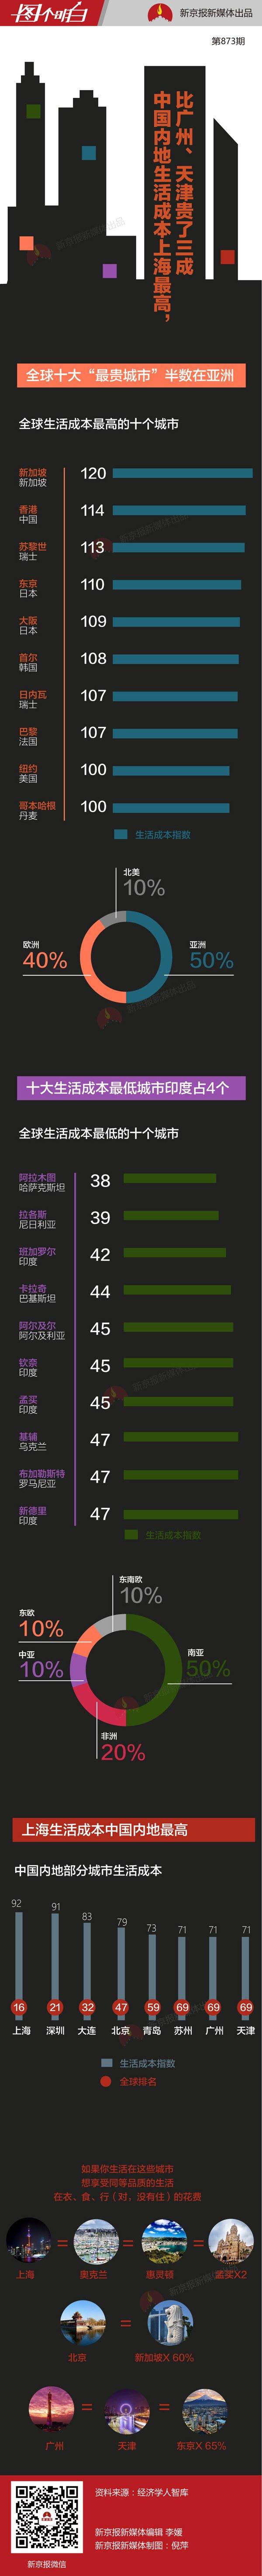 中国内地生活成本哪最高?上海第一深圳第二